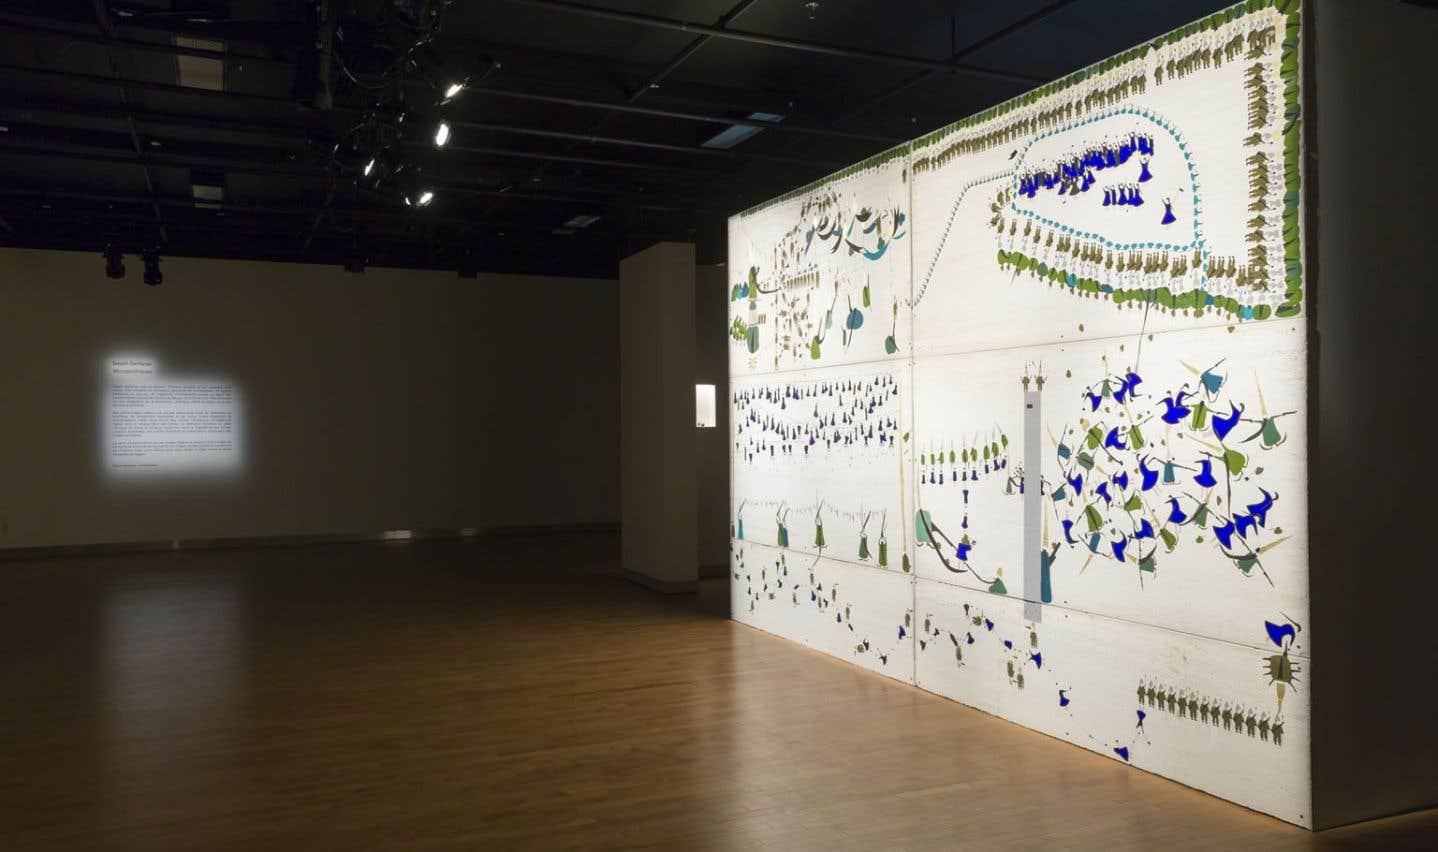 Vue de Micropolitiques de Sayeh Sarfaraz, une exposition portée par une imposante scénographie.